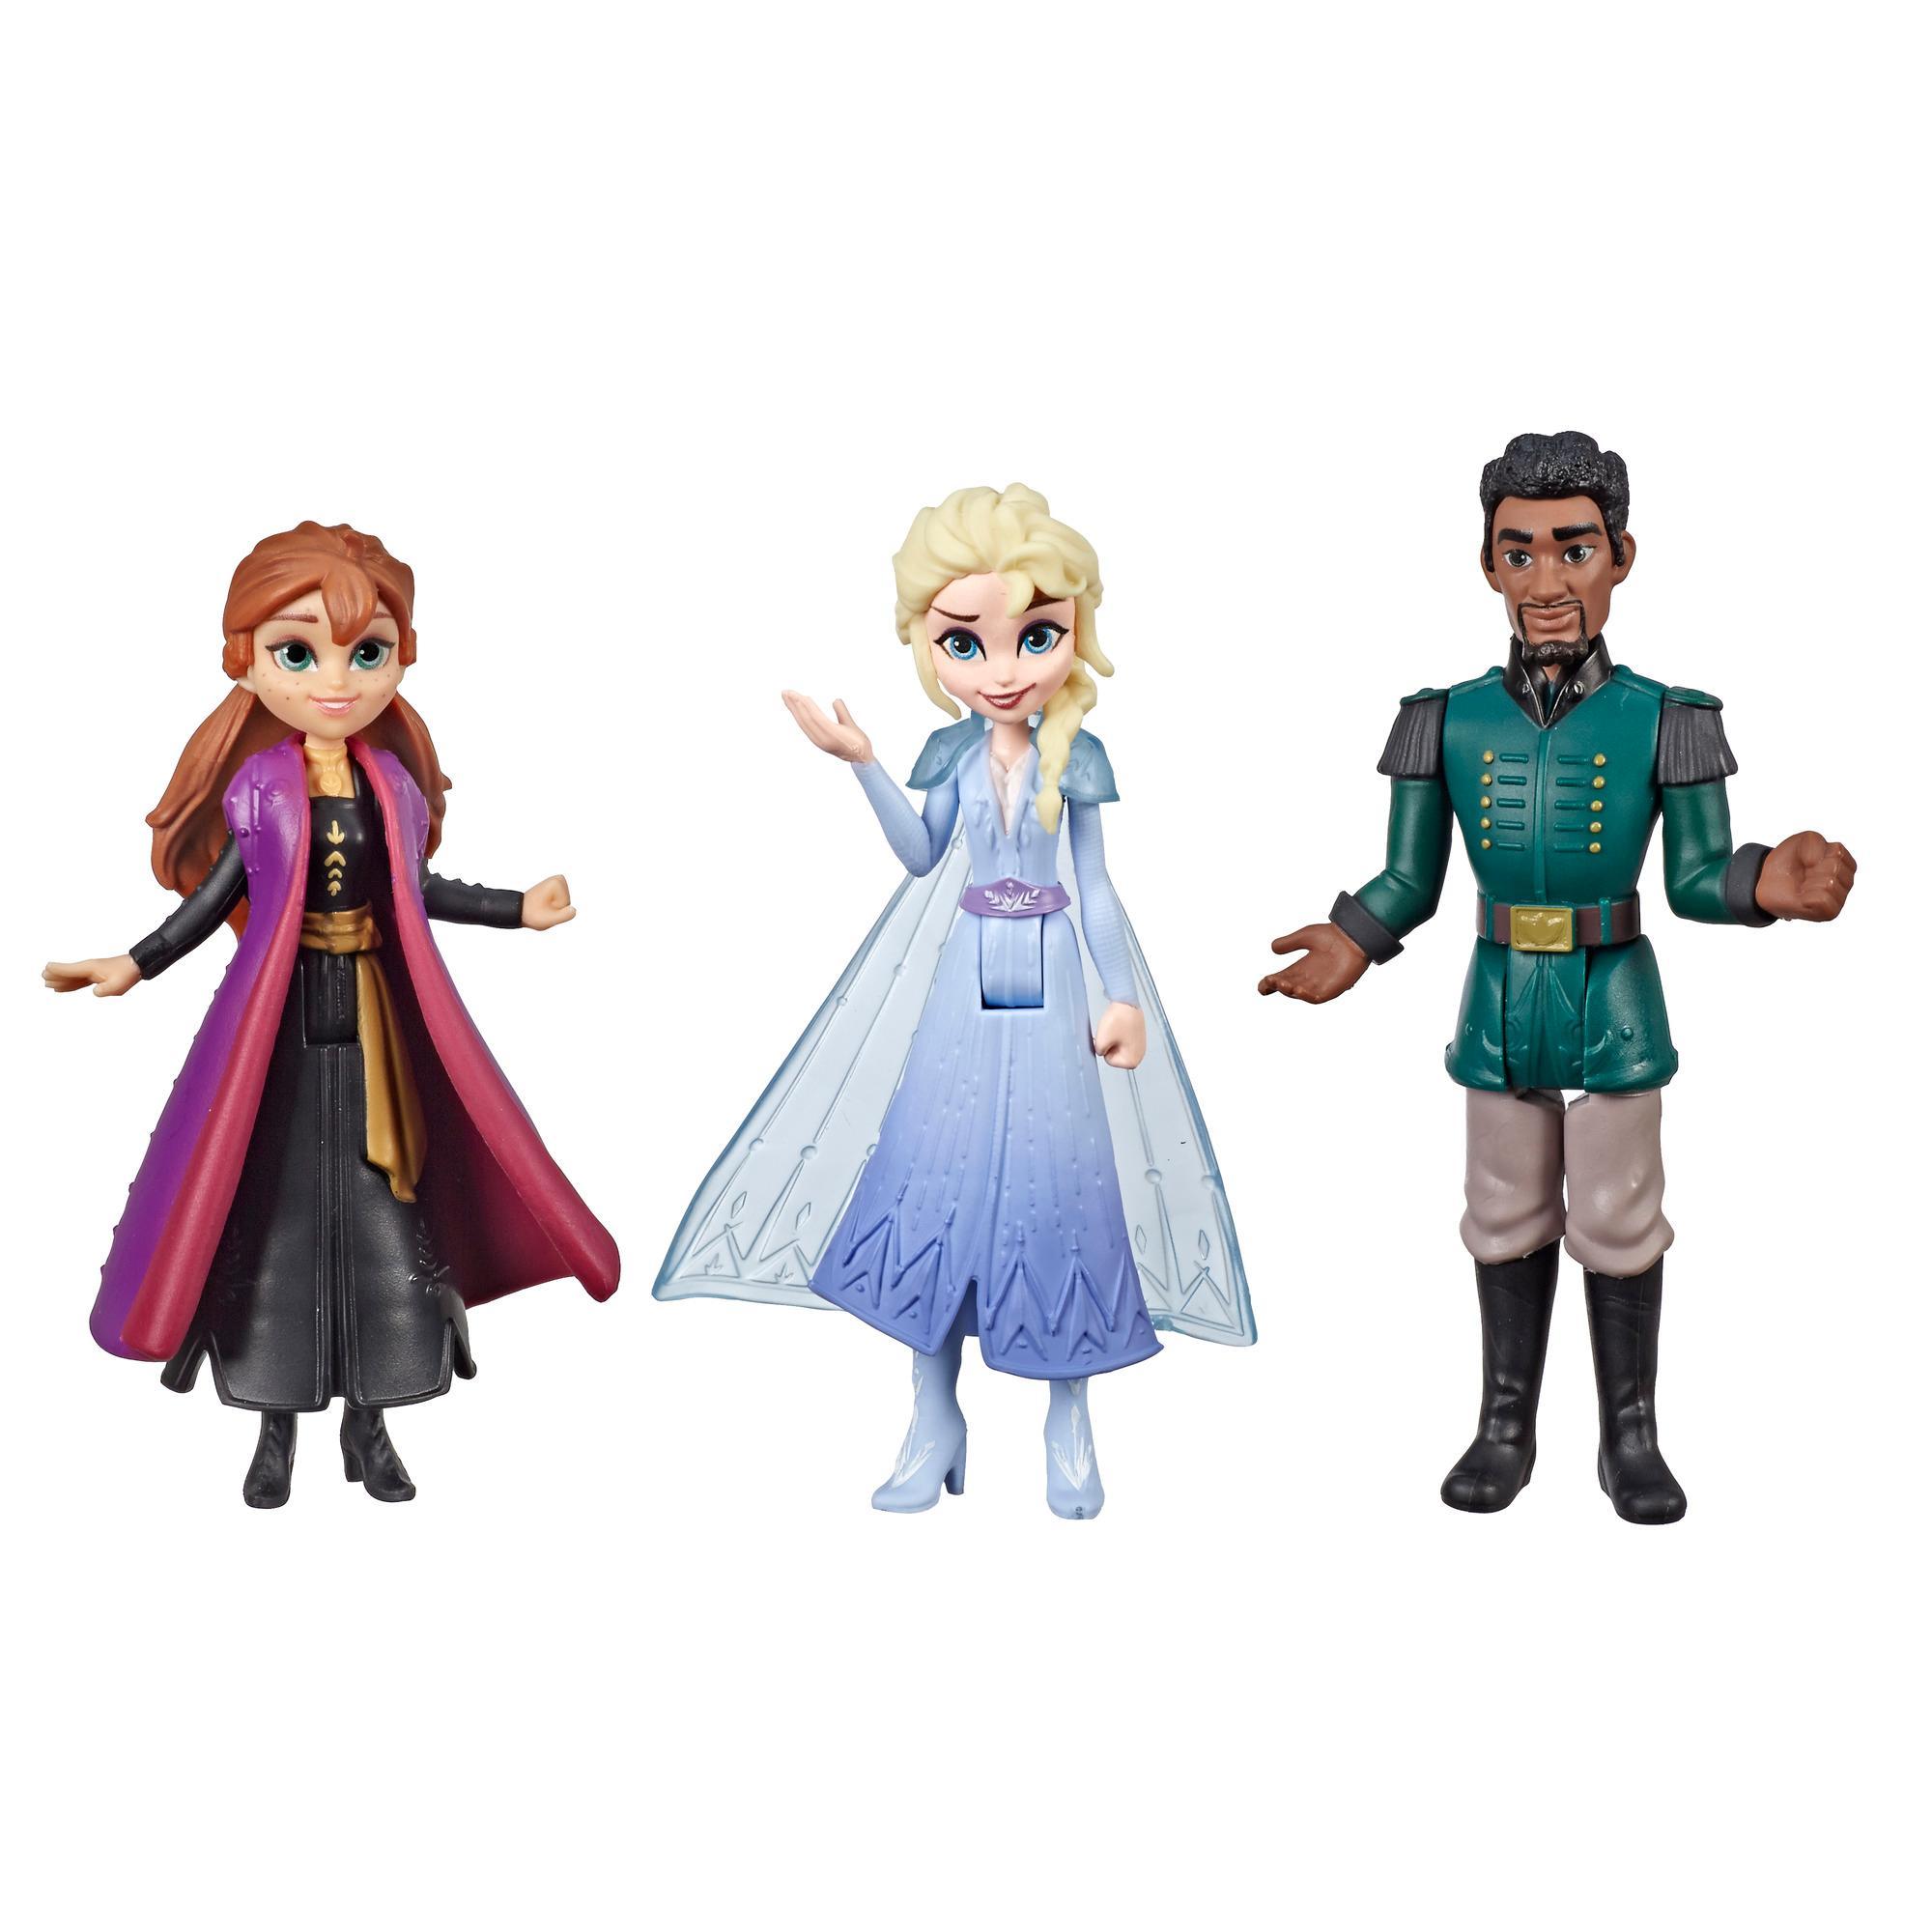 Disney Die Eiskönigin kleine Anna, Elsa und Mattias Puppen 3er-Pack, inspiriert durch den Film Die Eiskönigin 2